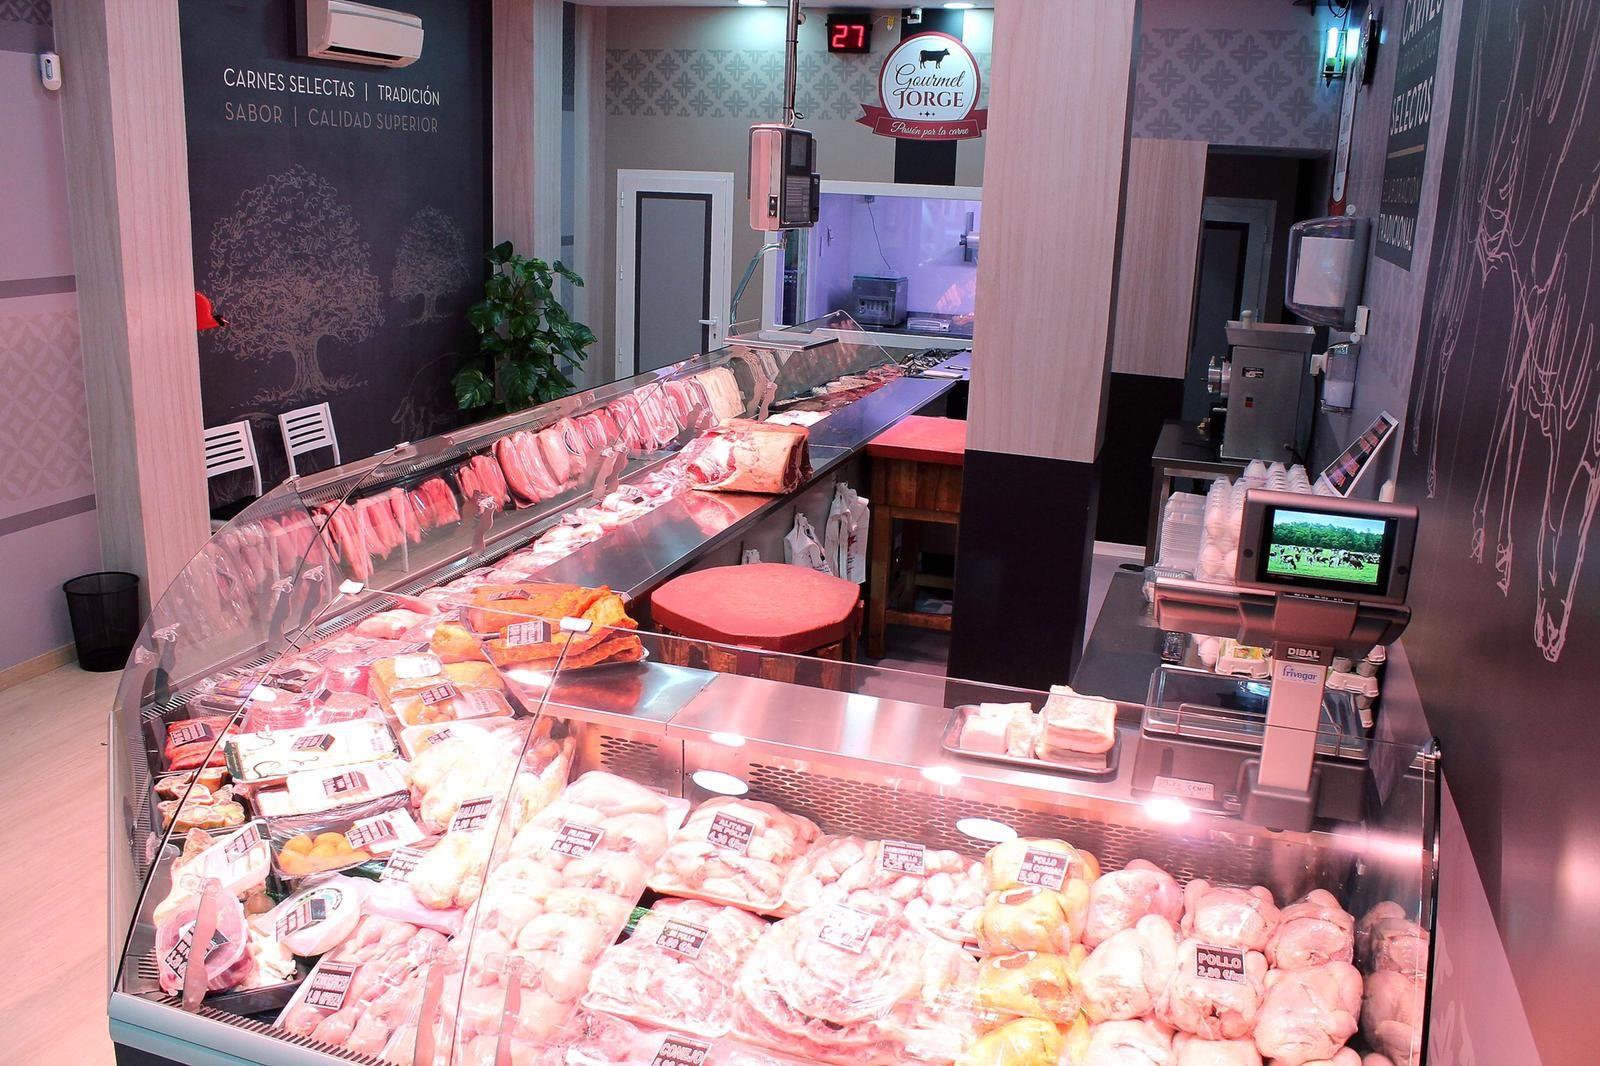 Foto 46 de Carnicerías en  | Gourmet Jorge